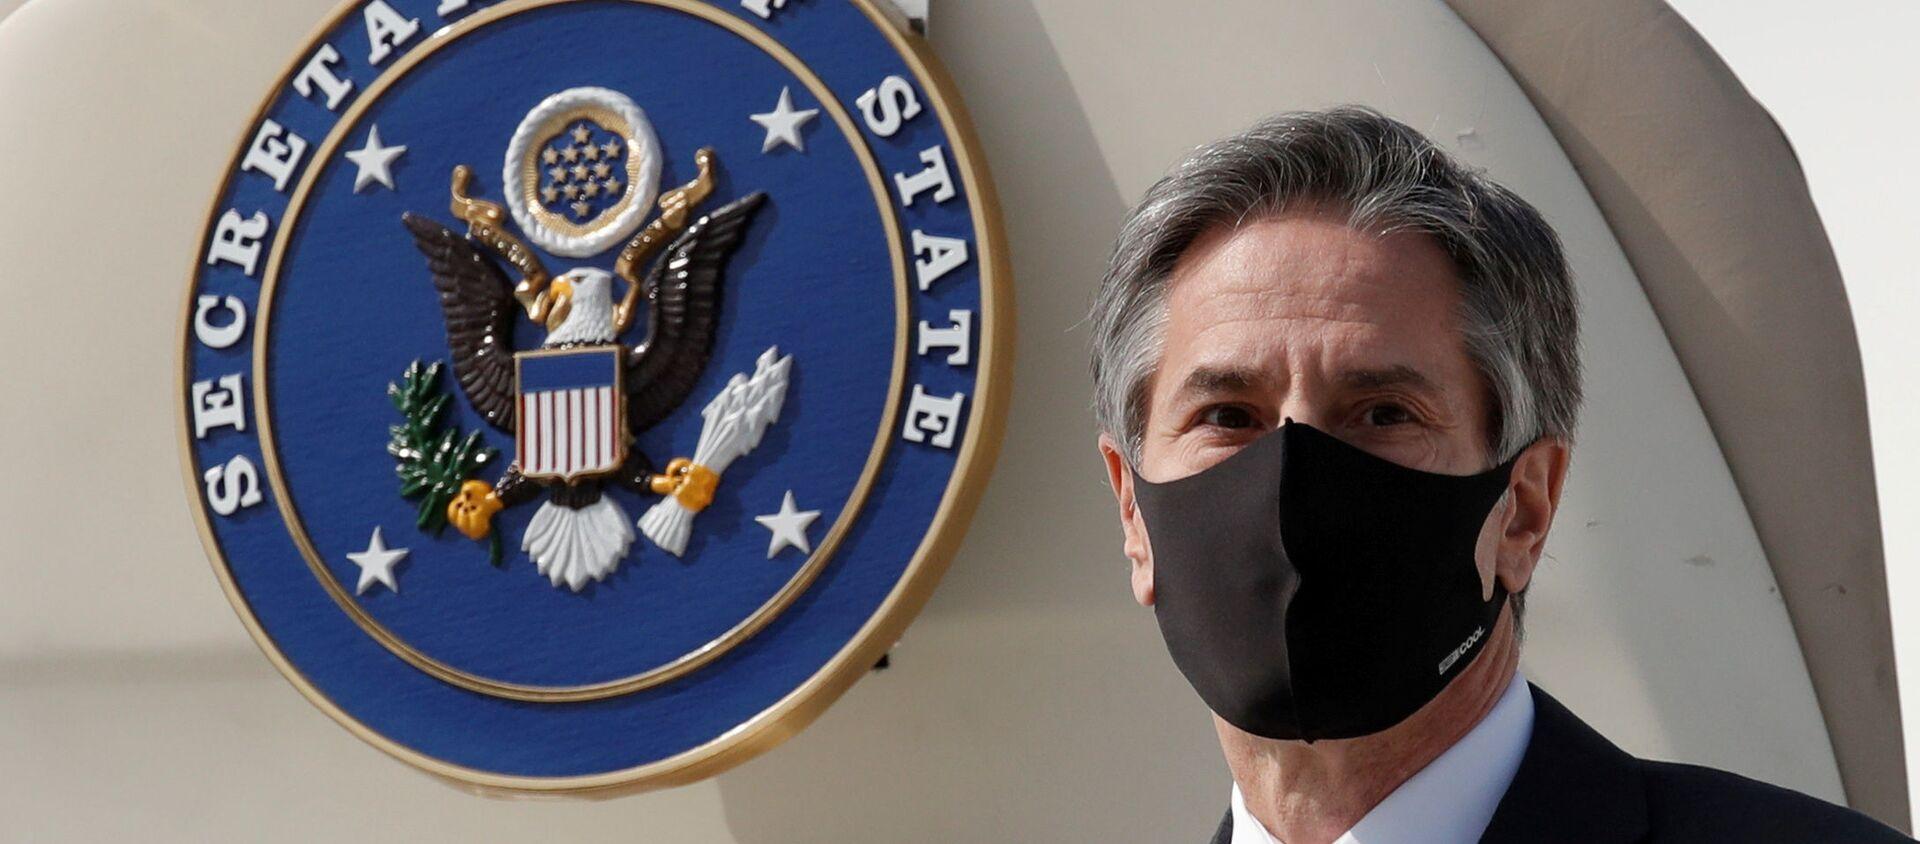 Ngoại trưởng Hoa Kỳ Antony Blinken đến Căn cứ Không quân Osan ở Pyeongtaek, Hàn Quốc ngày 17 tháng 3 năm 2021. - Sputnik Việt Nam, 1920, 13.07.2021